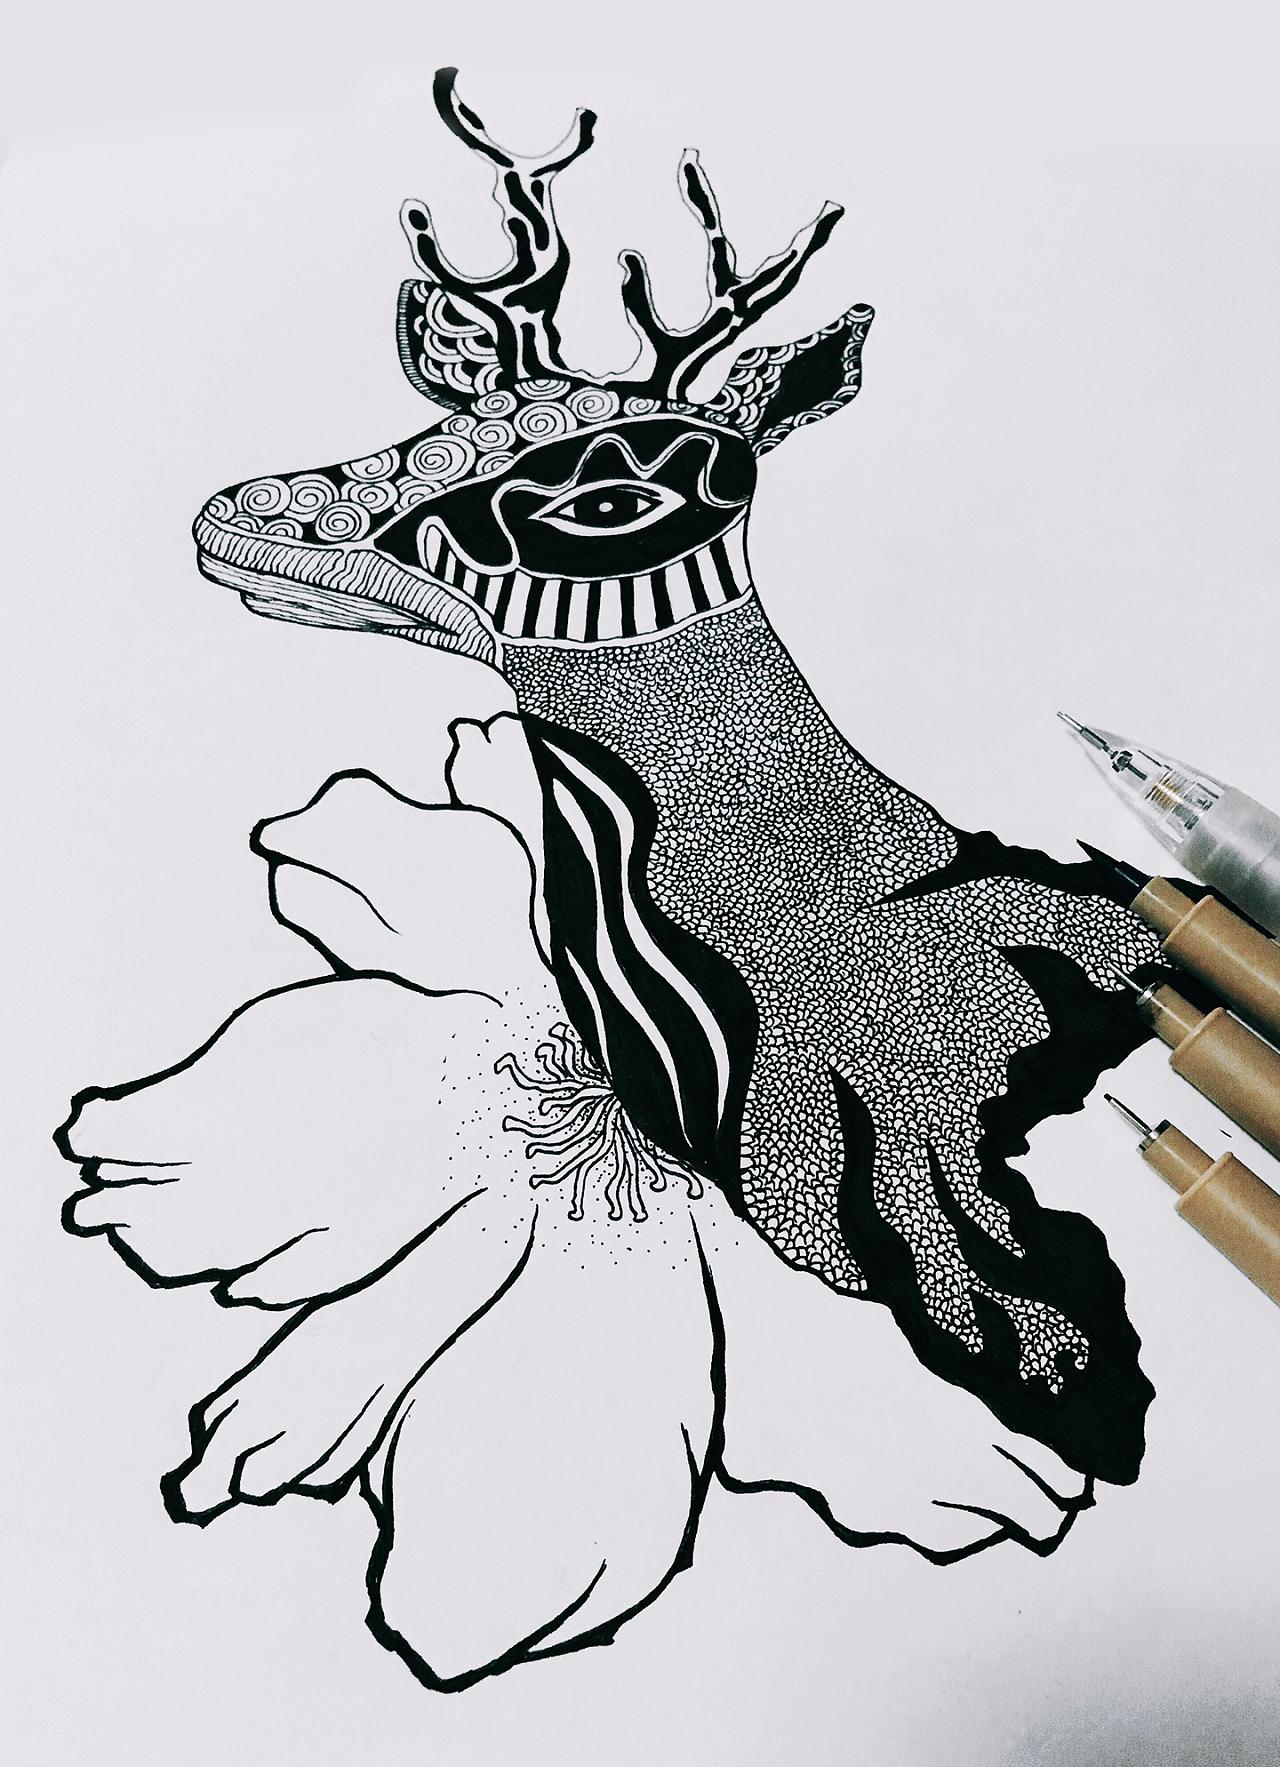 黑白手绘线条画_黑白画练习|平面|图案|Iris1 - 临摹作品 - 站酷 (ZCOOL)